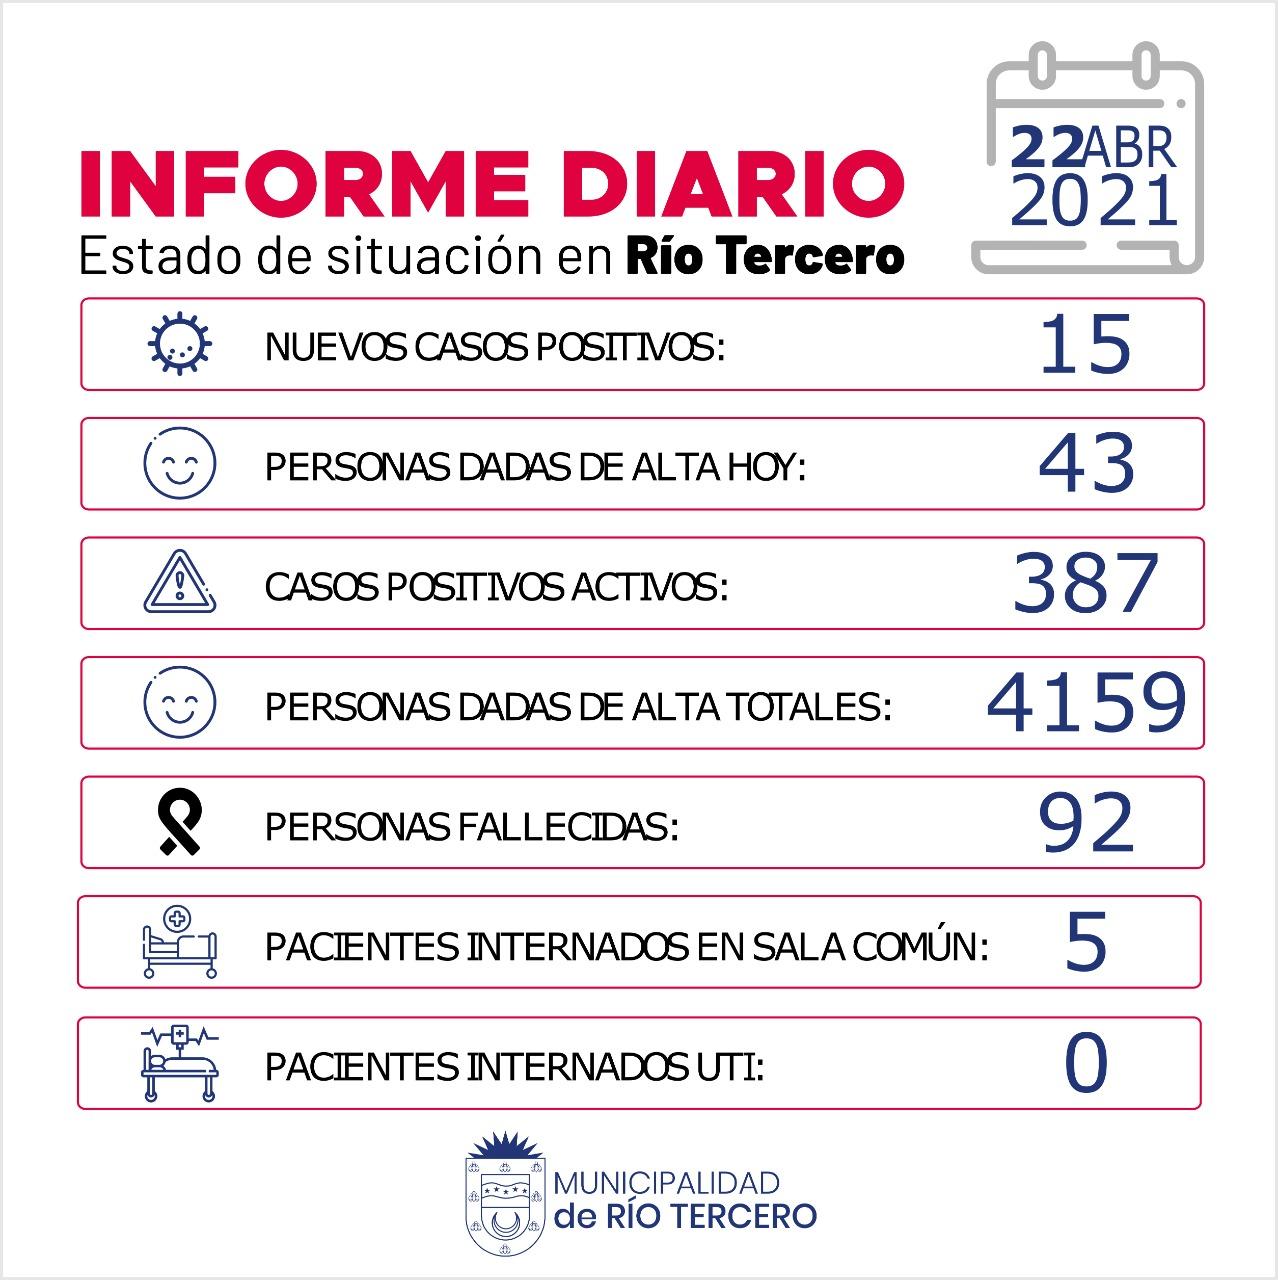 RÍO TERCERO TIENE 387 CASOS ACTIVOS: HOY SE REGISTRARON 15 NUEVOS CASOS POSITIVOS